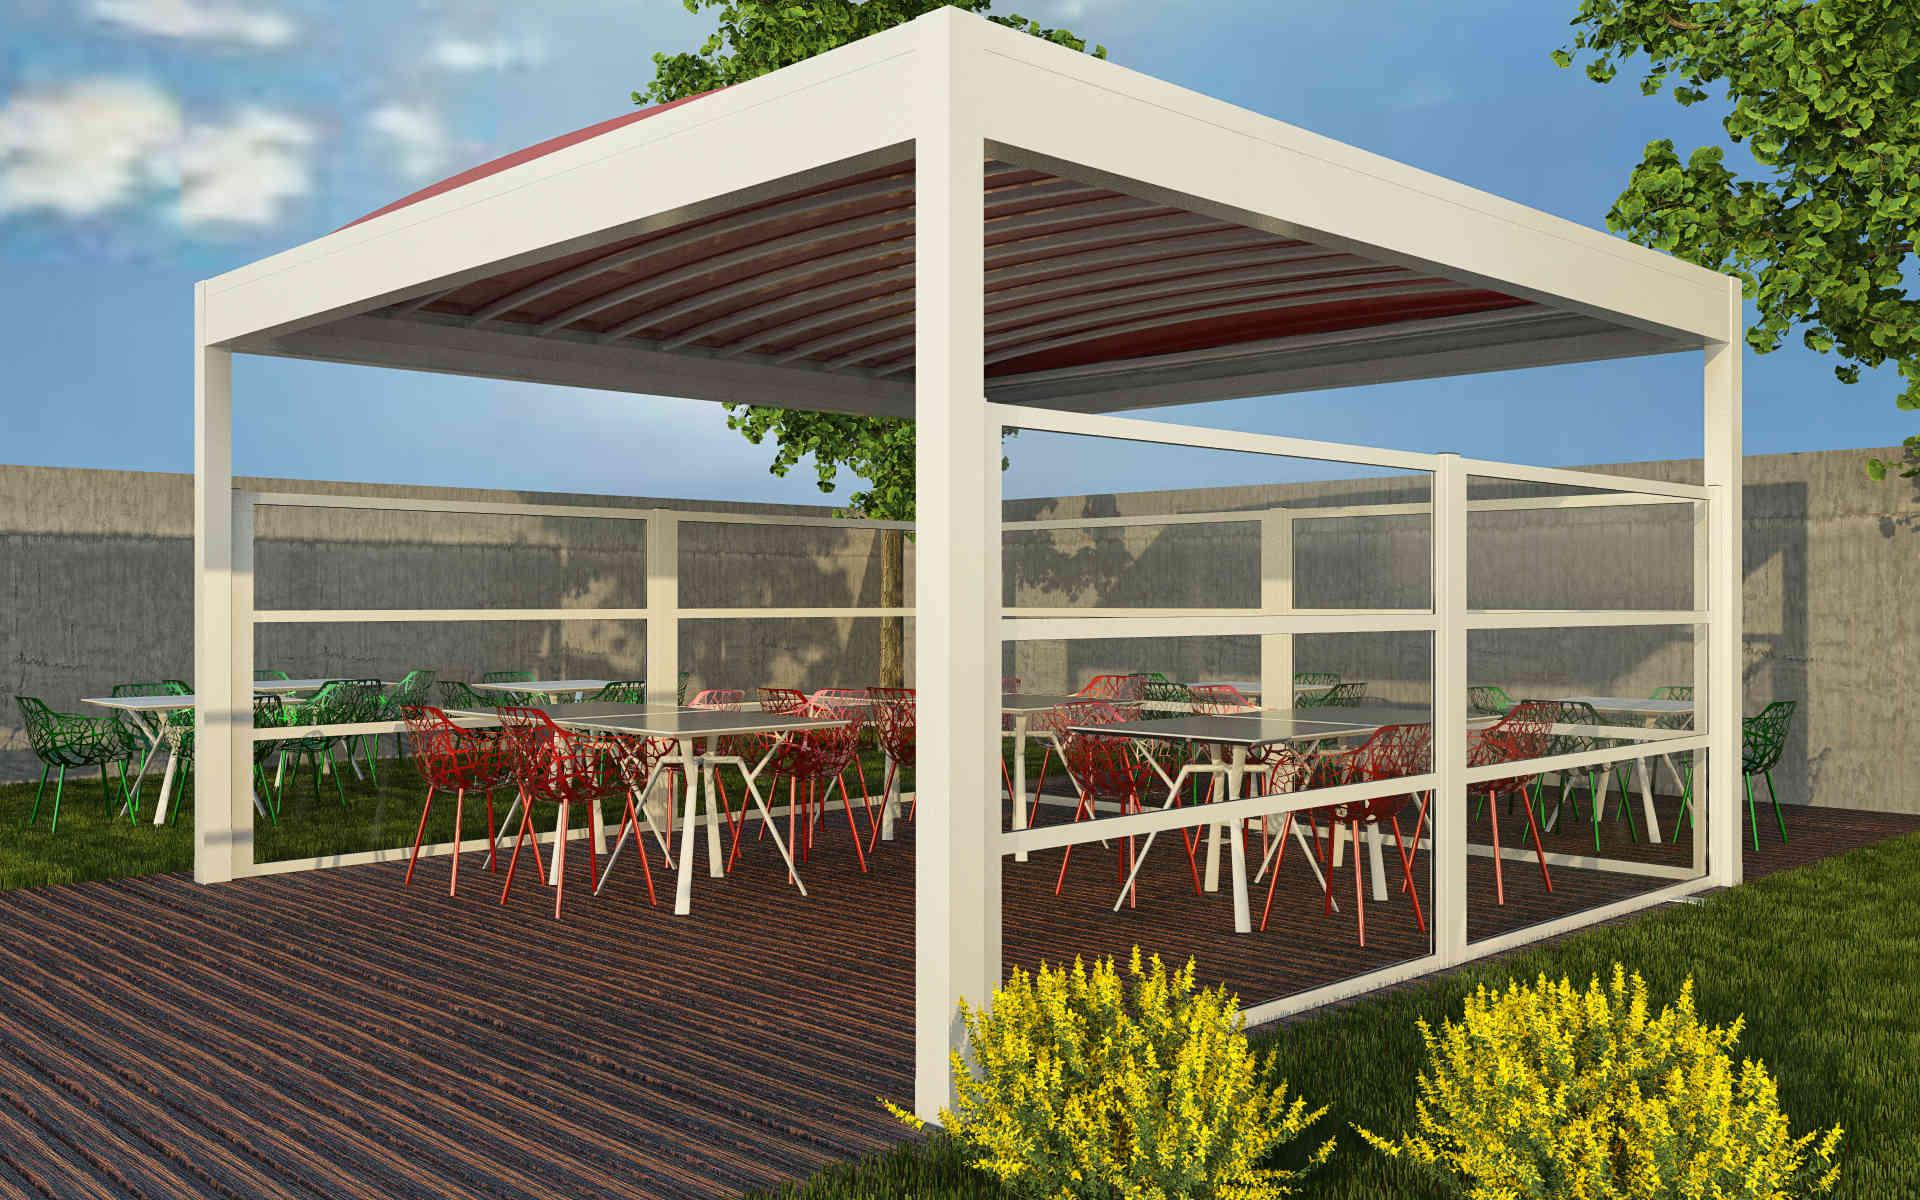 Paravento modulare per esterno per dehors e plateatici in alluminio mod. NEWTEC con pannello vetrato antiinfortunistico - Stameat srl - Produzione ed installazione - Verona